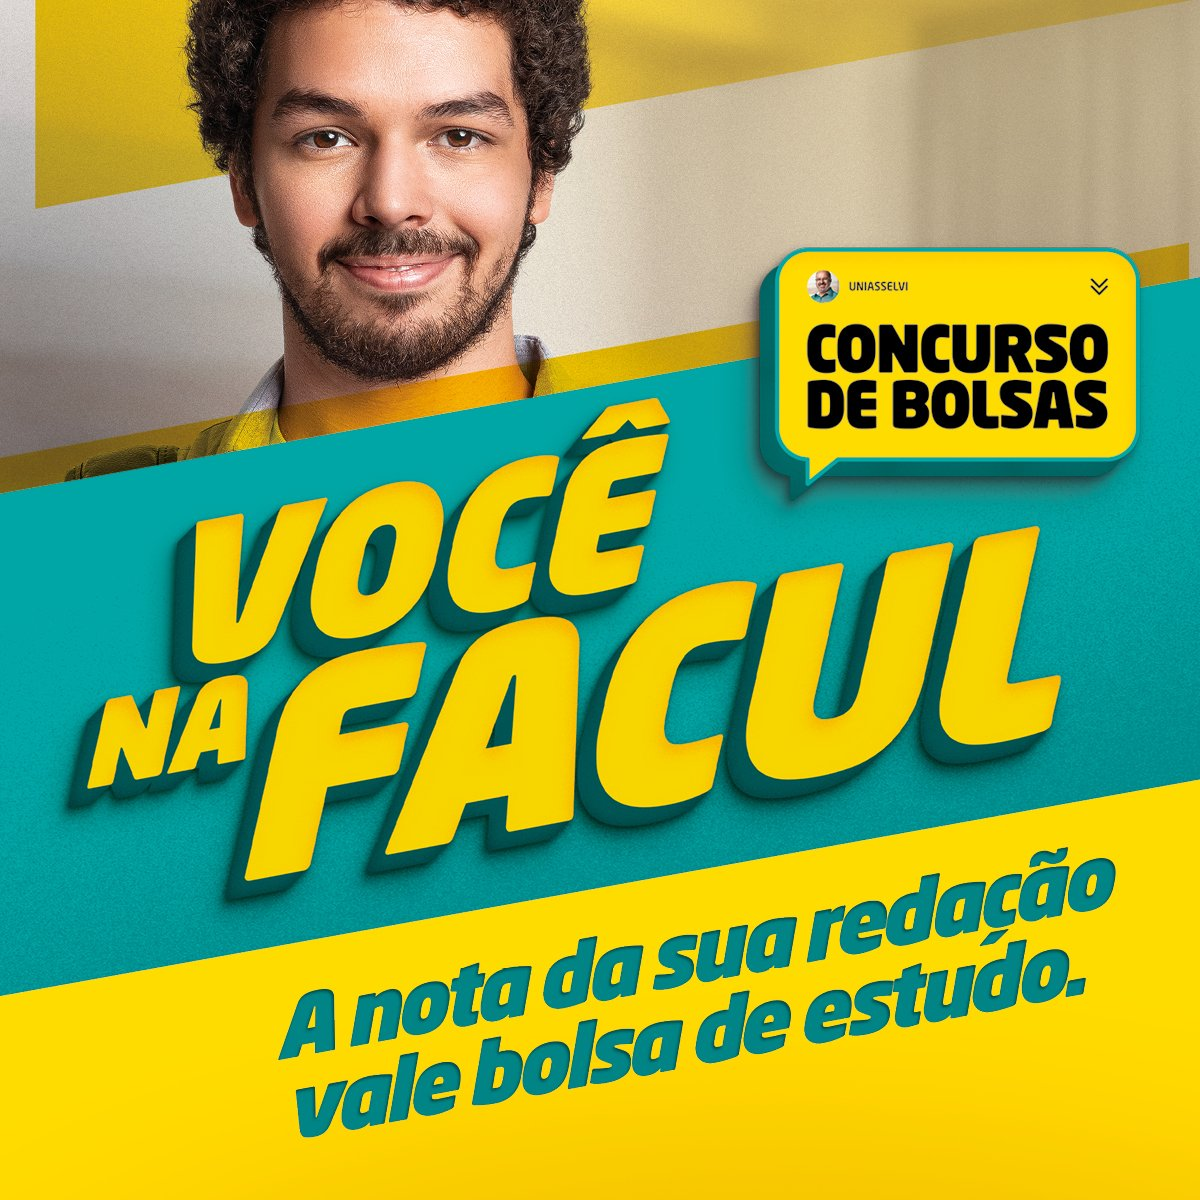 O Concurso Você na Facul, da UNIASSELVI, vai premiar as melhores redações de estudantes de todo o Brasil. Bolsas de até 100% de desconto. Inscreva-se 👉https://t.co/uf1d9MV2rG https://t.co/gVrBM0QF7t